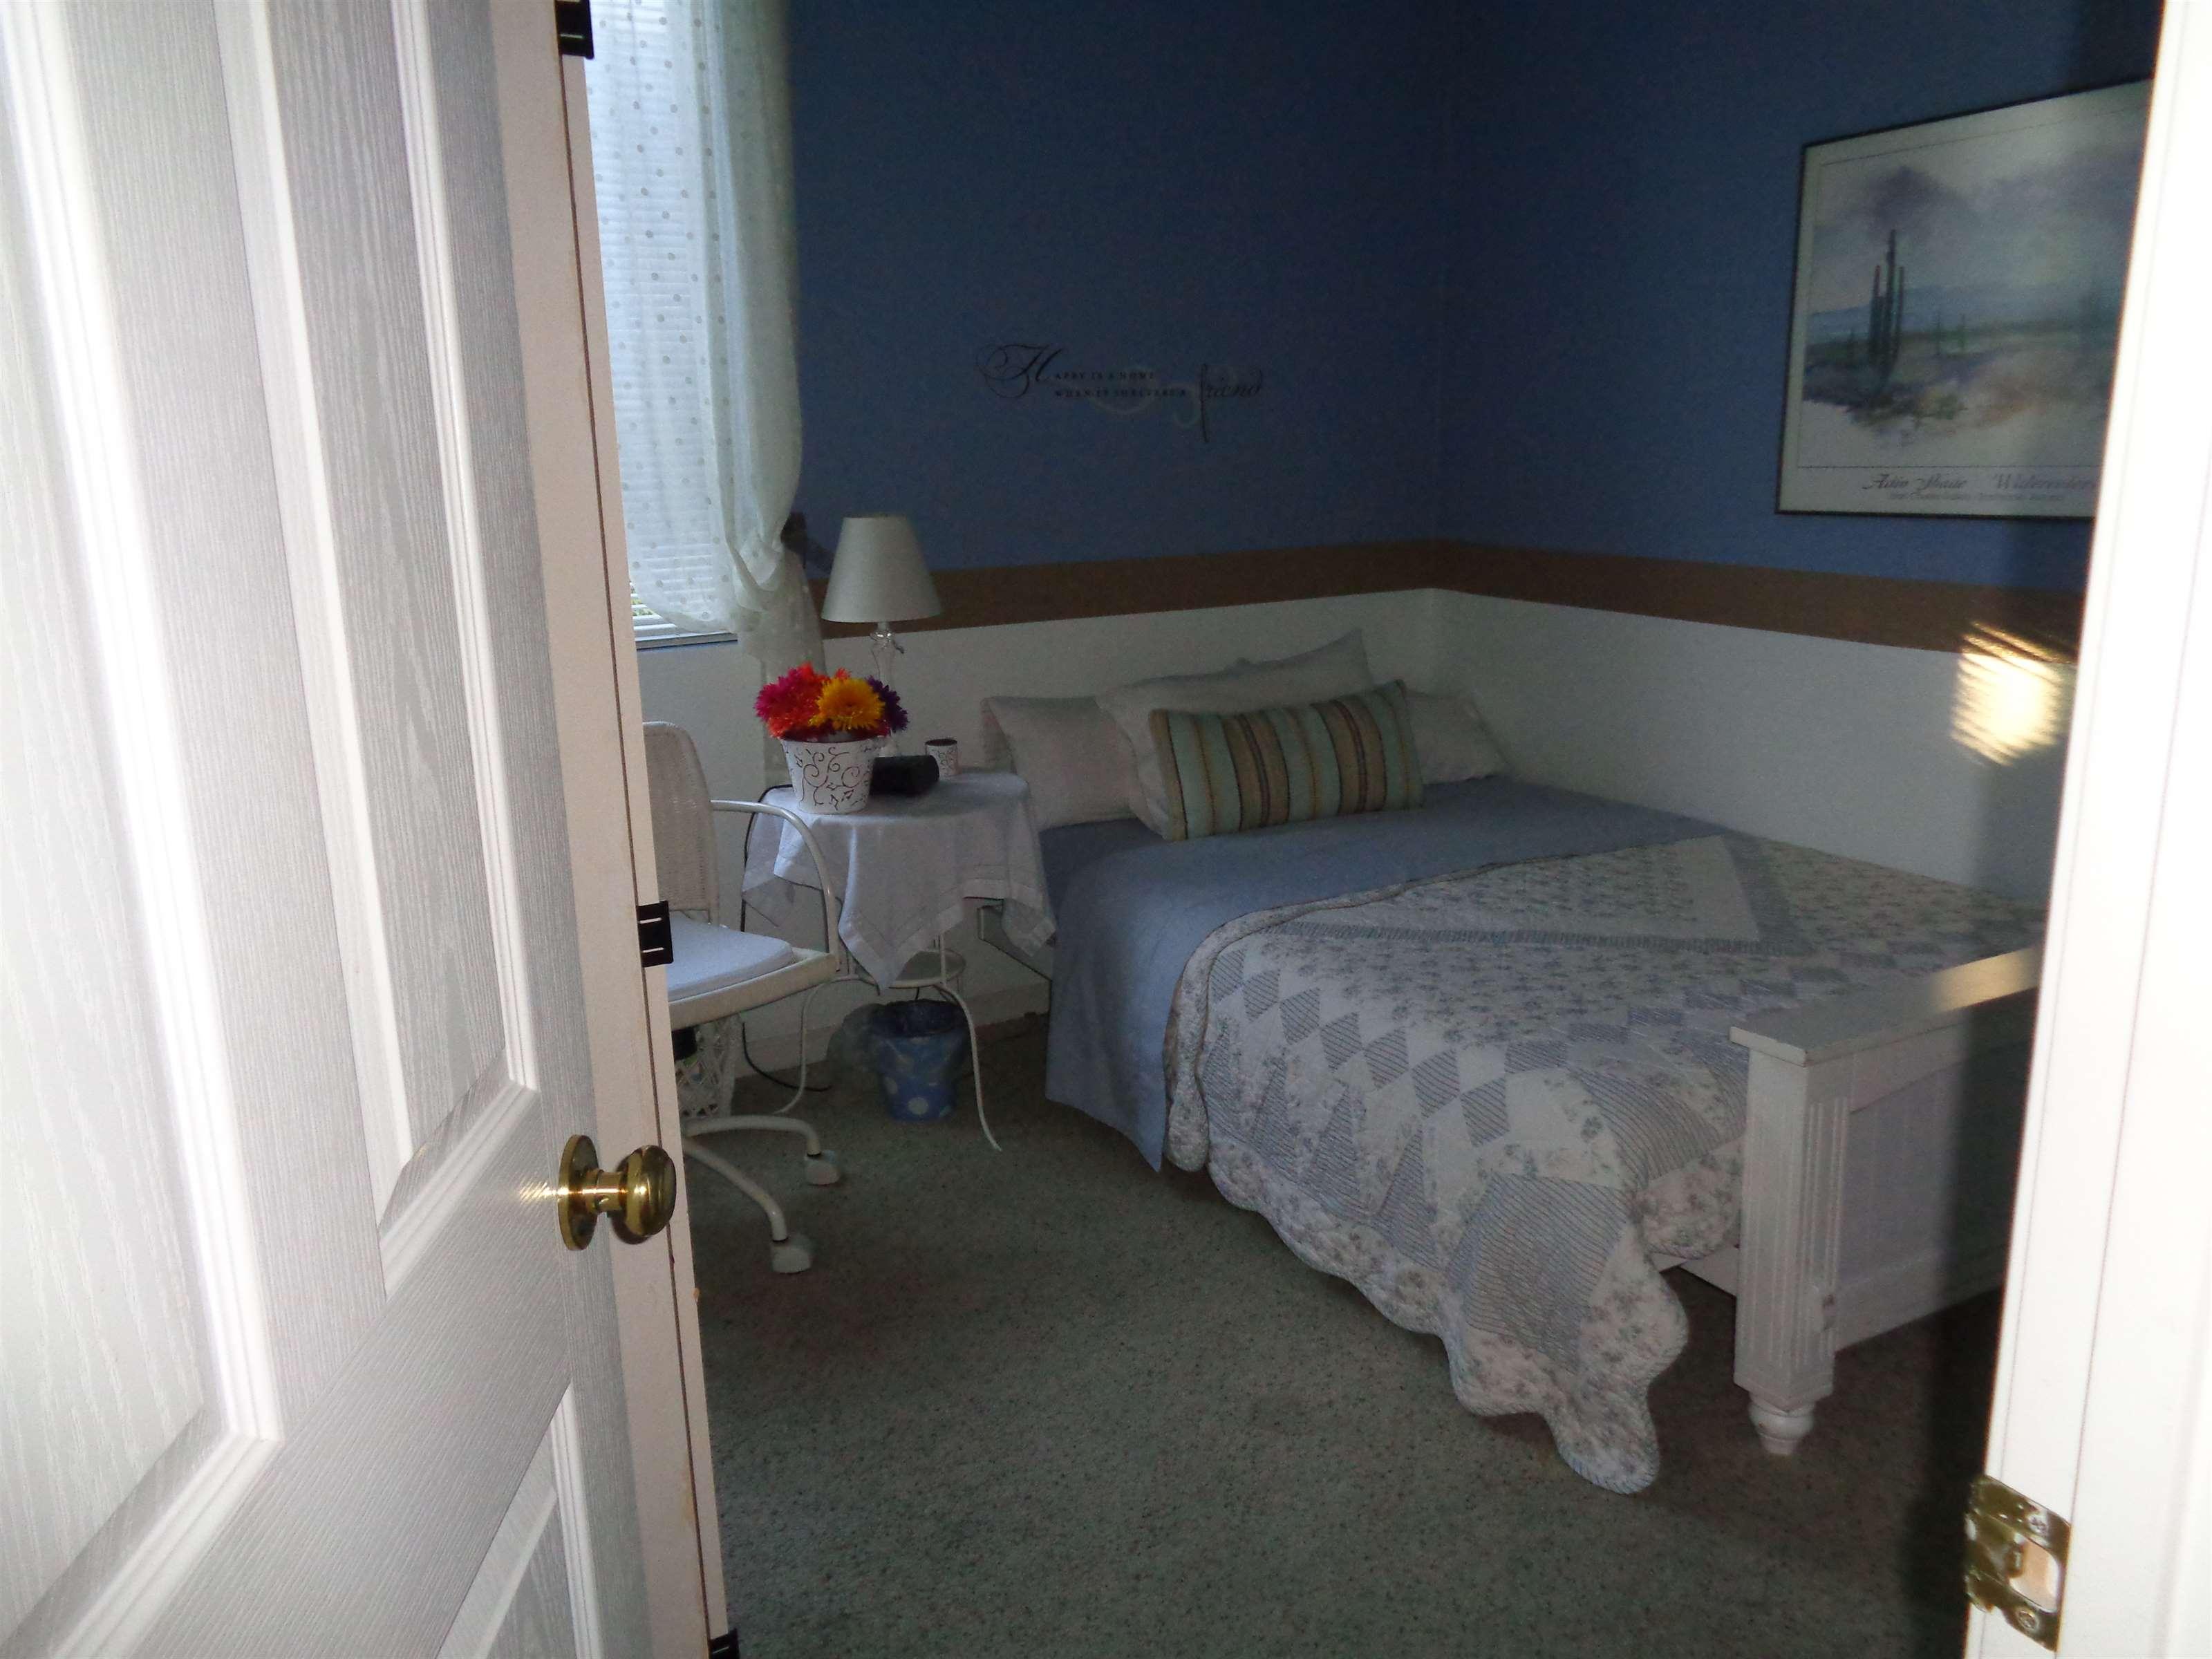 311 Pelican Bay Cir, Sacramento, CA 95835